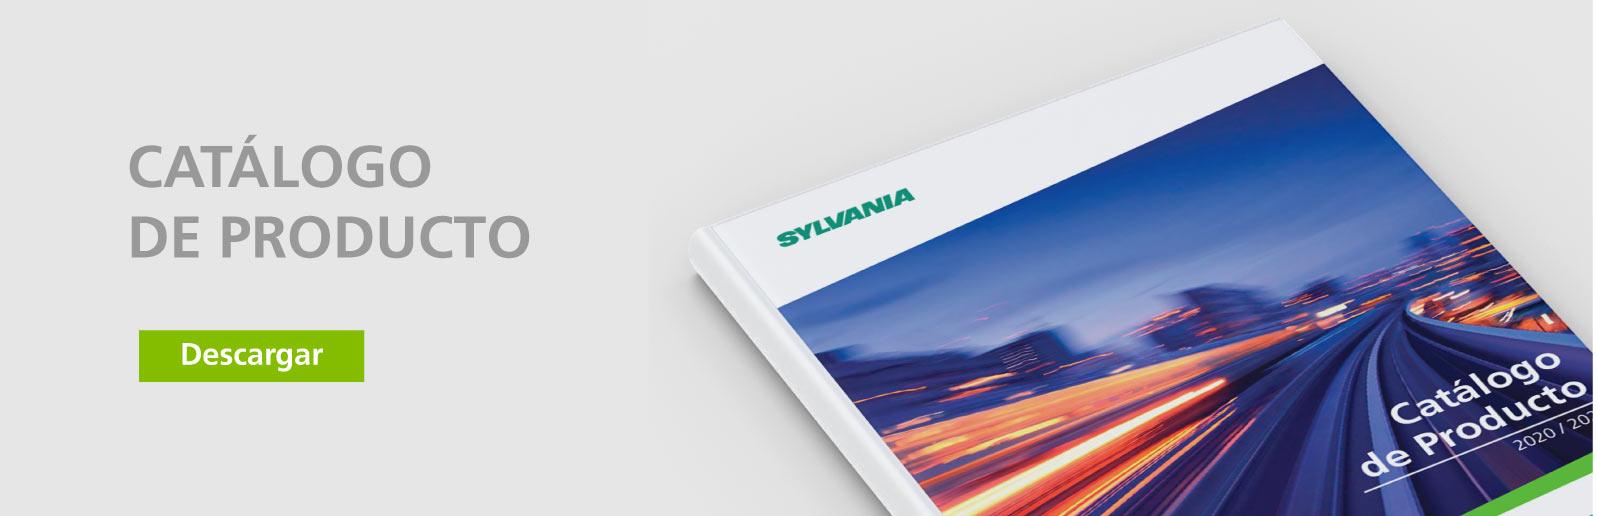 catalogo-sylvania-costa-rica-a